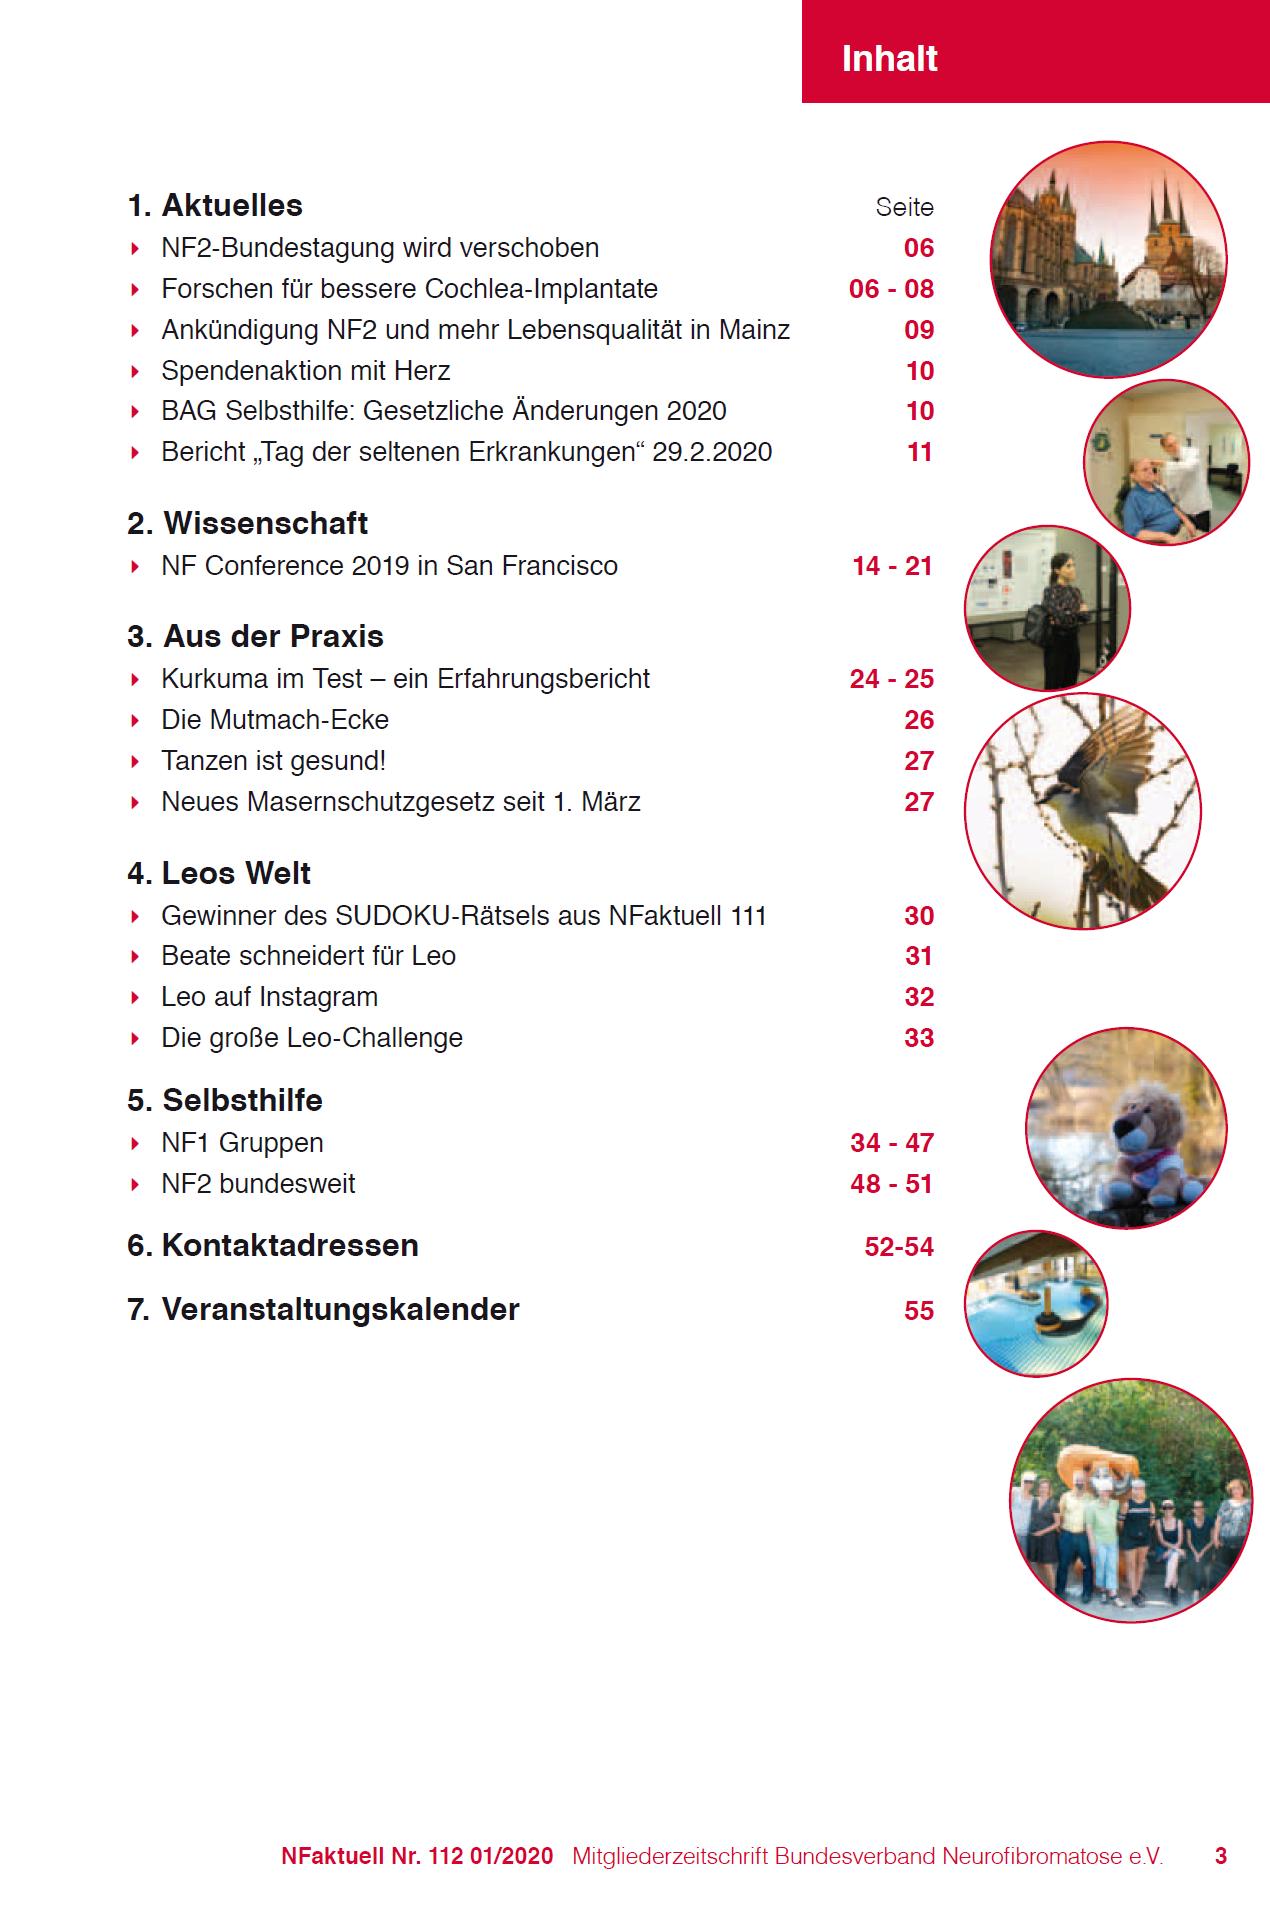 NFaktuell 112 Mitgliederzeitschrift Bundesverband Neurofibromatose